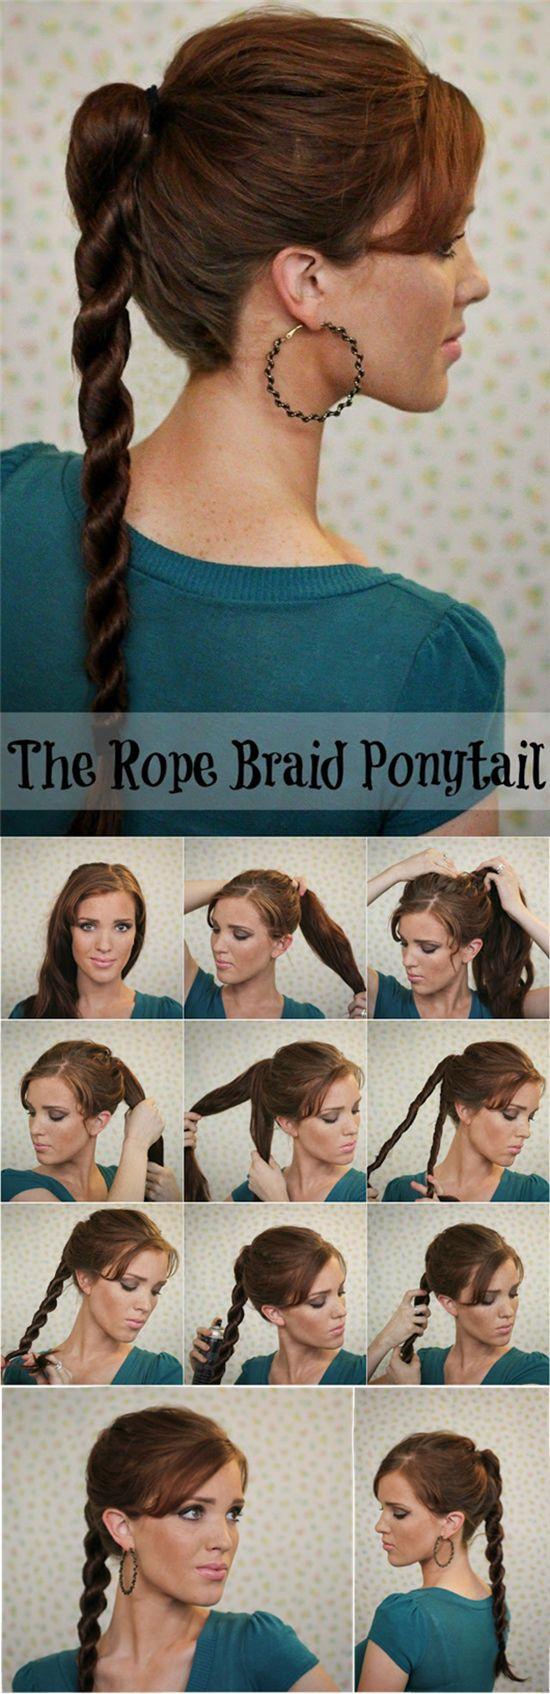 #ponytail #hair #hairdo #hairstyles #hairstylesforlonghair #hairtips #tutorial #DIY #stepbystep #longhair #howto #guide #everydayhairstyle #easyhairstyle #braid #hairextensions